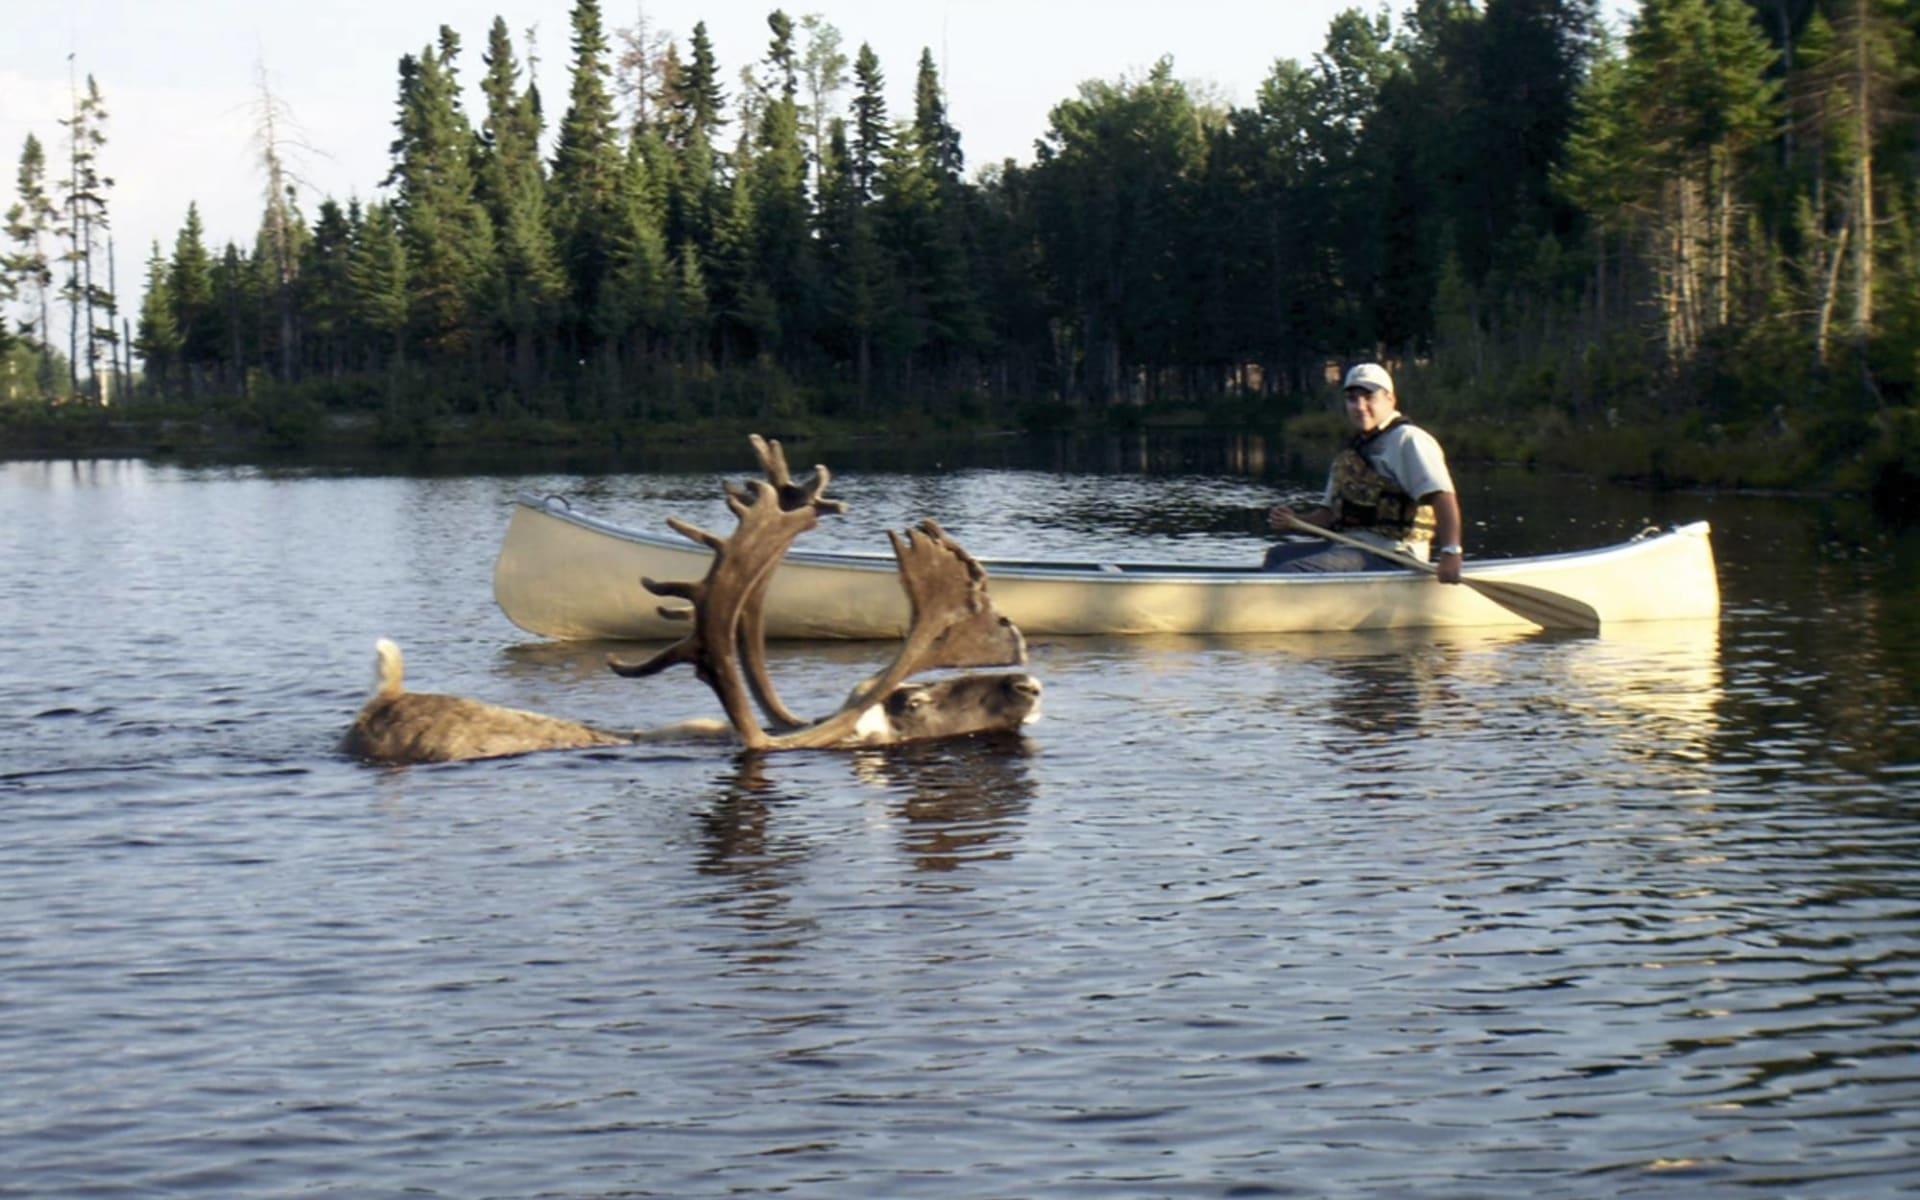 Familienabenteuer mit den Karibus ab Saint Félicien: Kanada - Québec - Karibu im Wasser